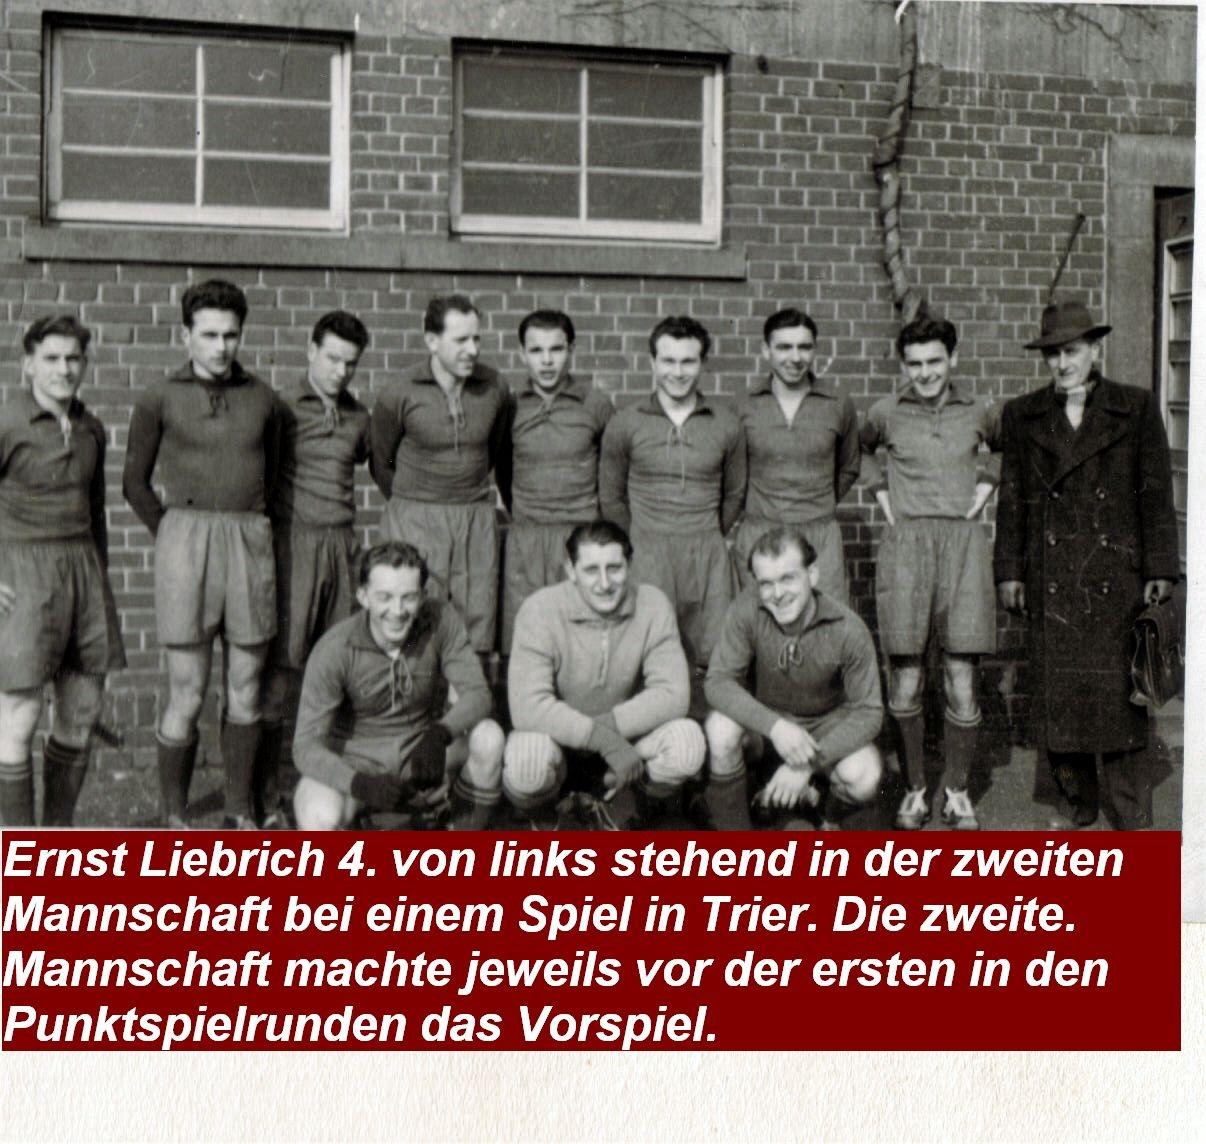 Ernst Liebrich mit Mannschaft bei einem Spiel in Trier